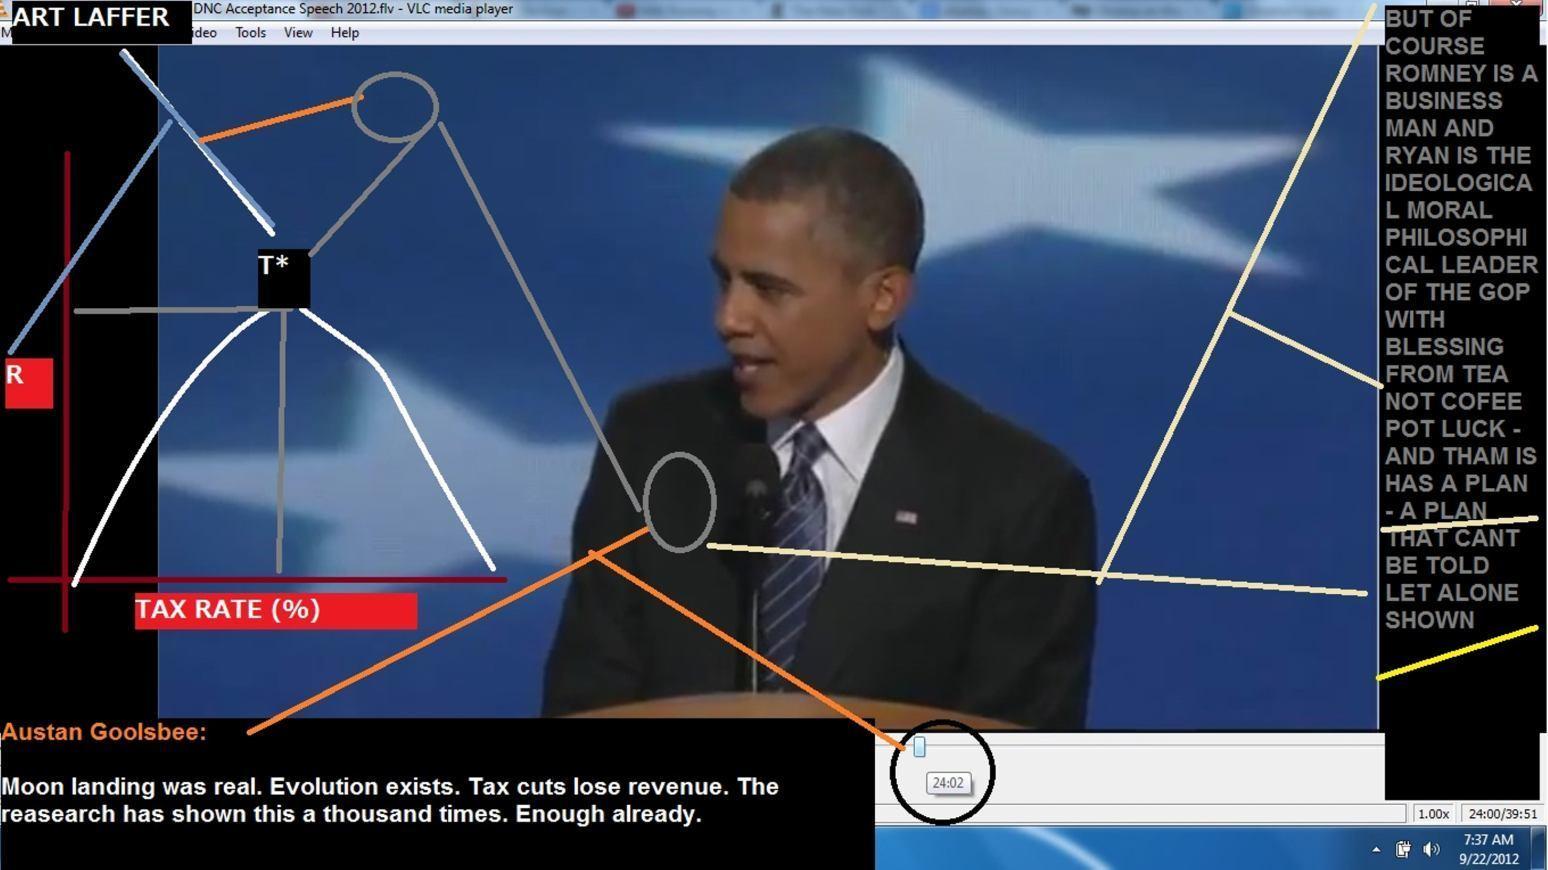 obama_bill_clinton_dnc_tax_pla